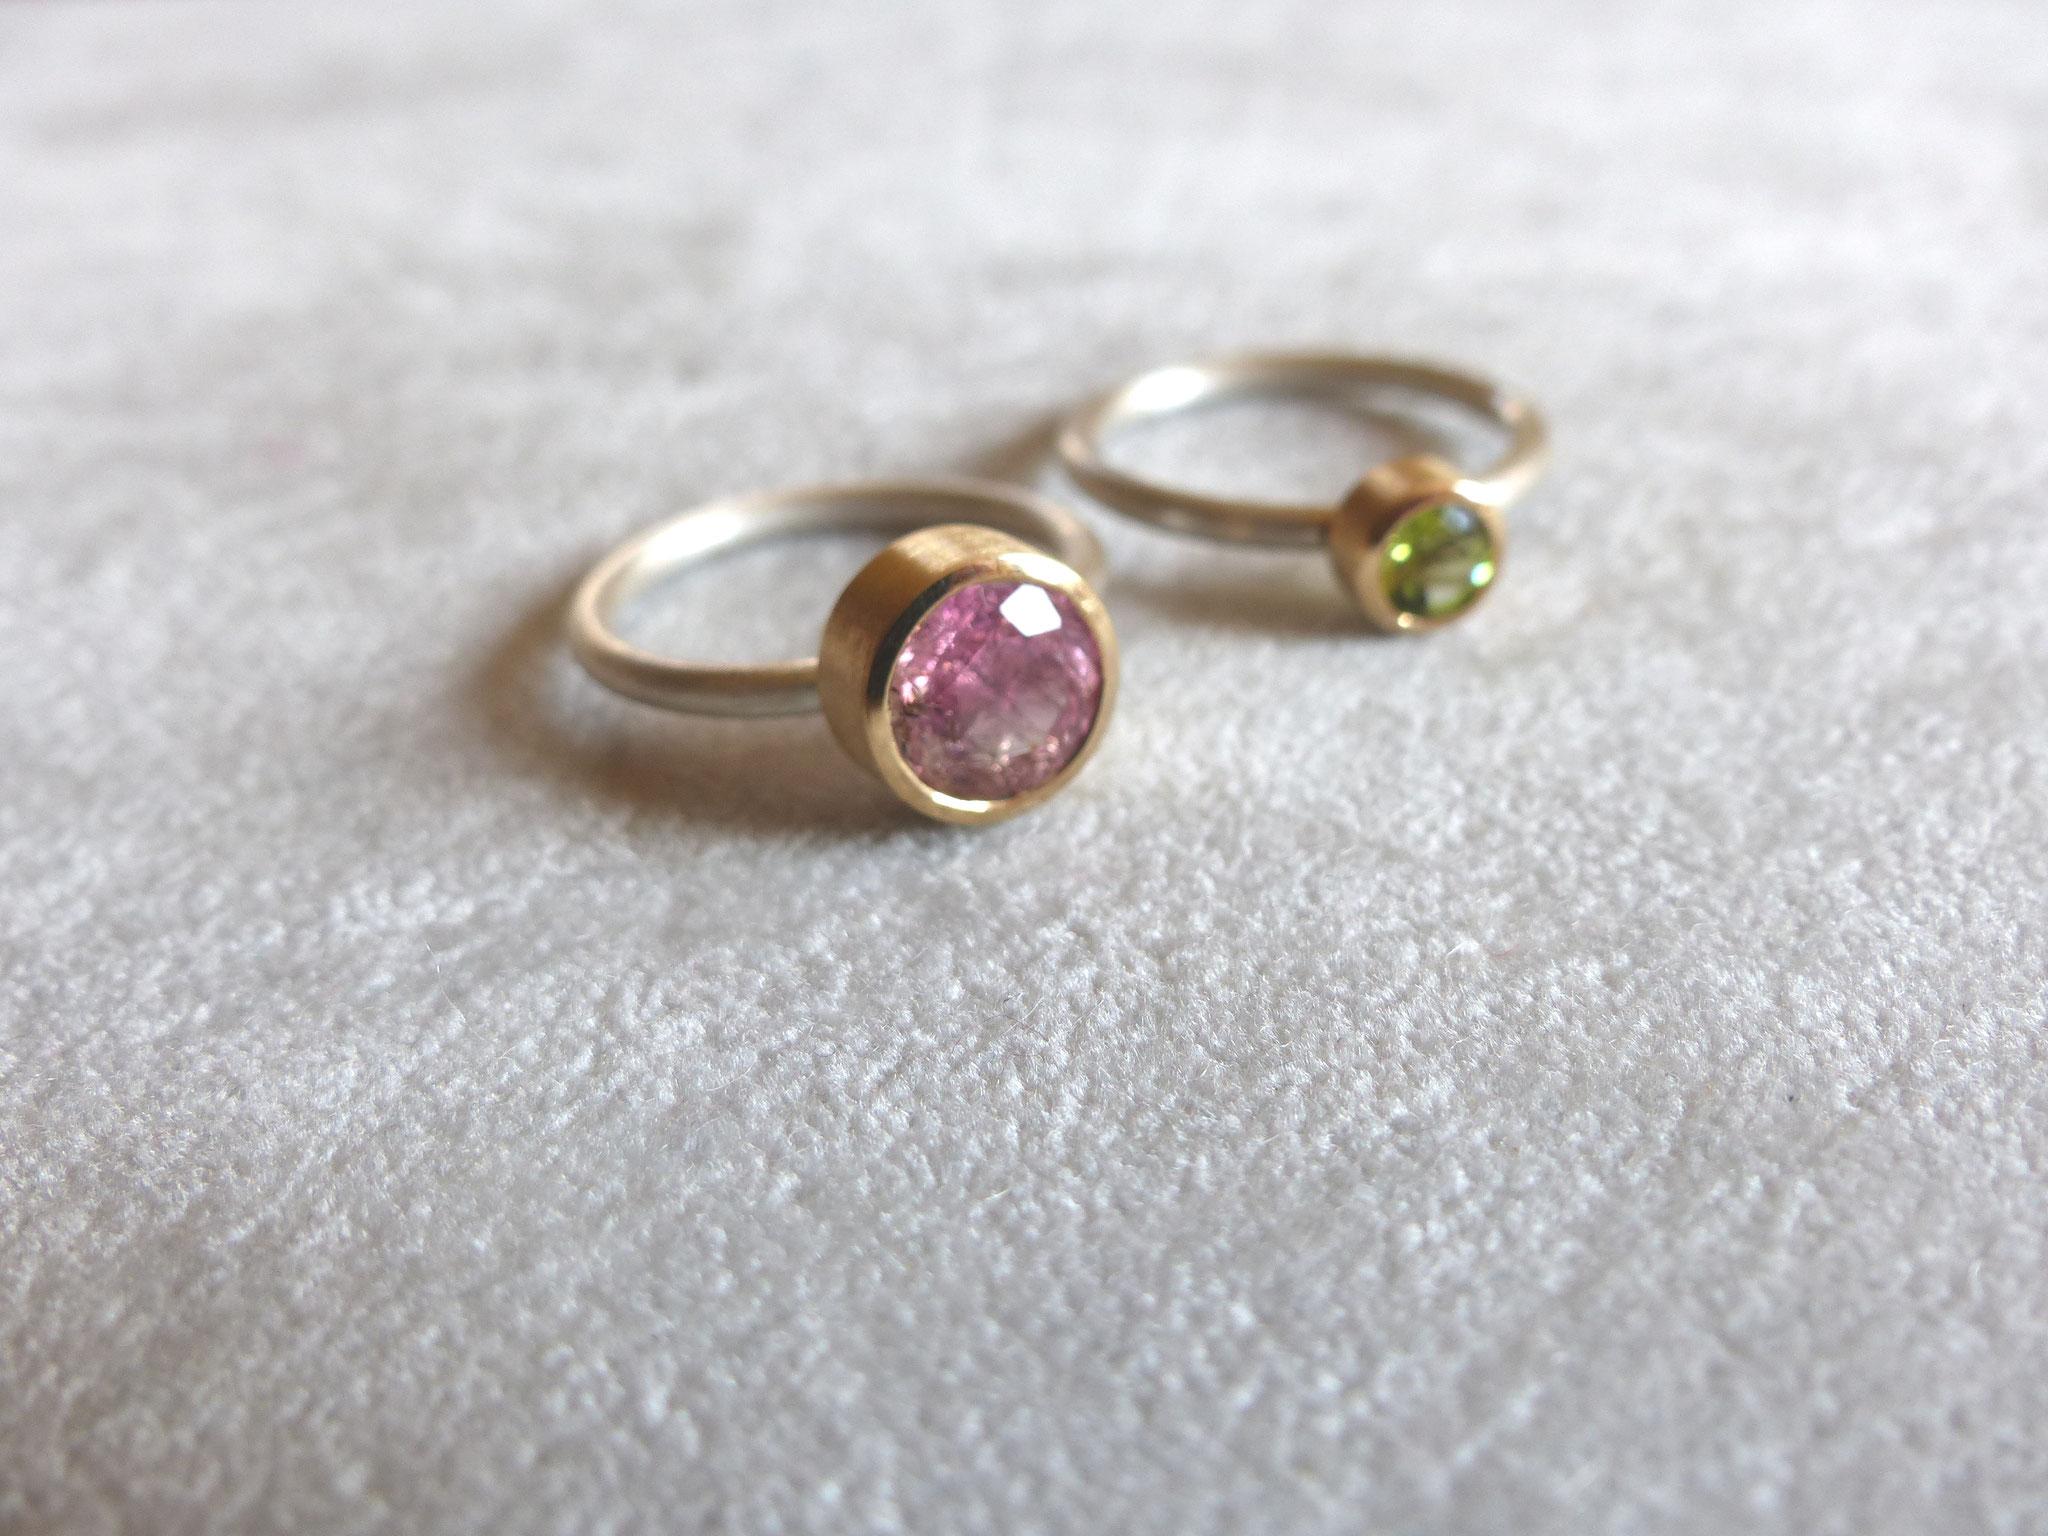 Ringe in Silber 925 und Gelbgold 750 mit Turmalin und Peridot